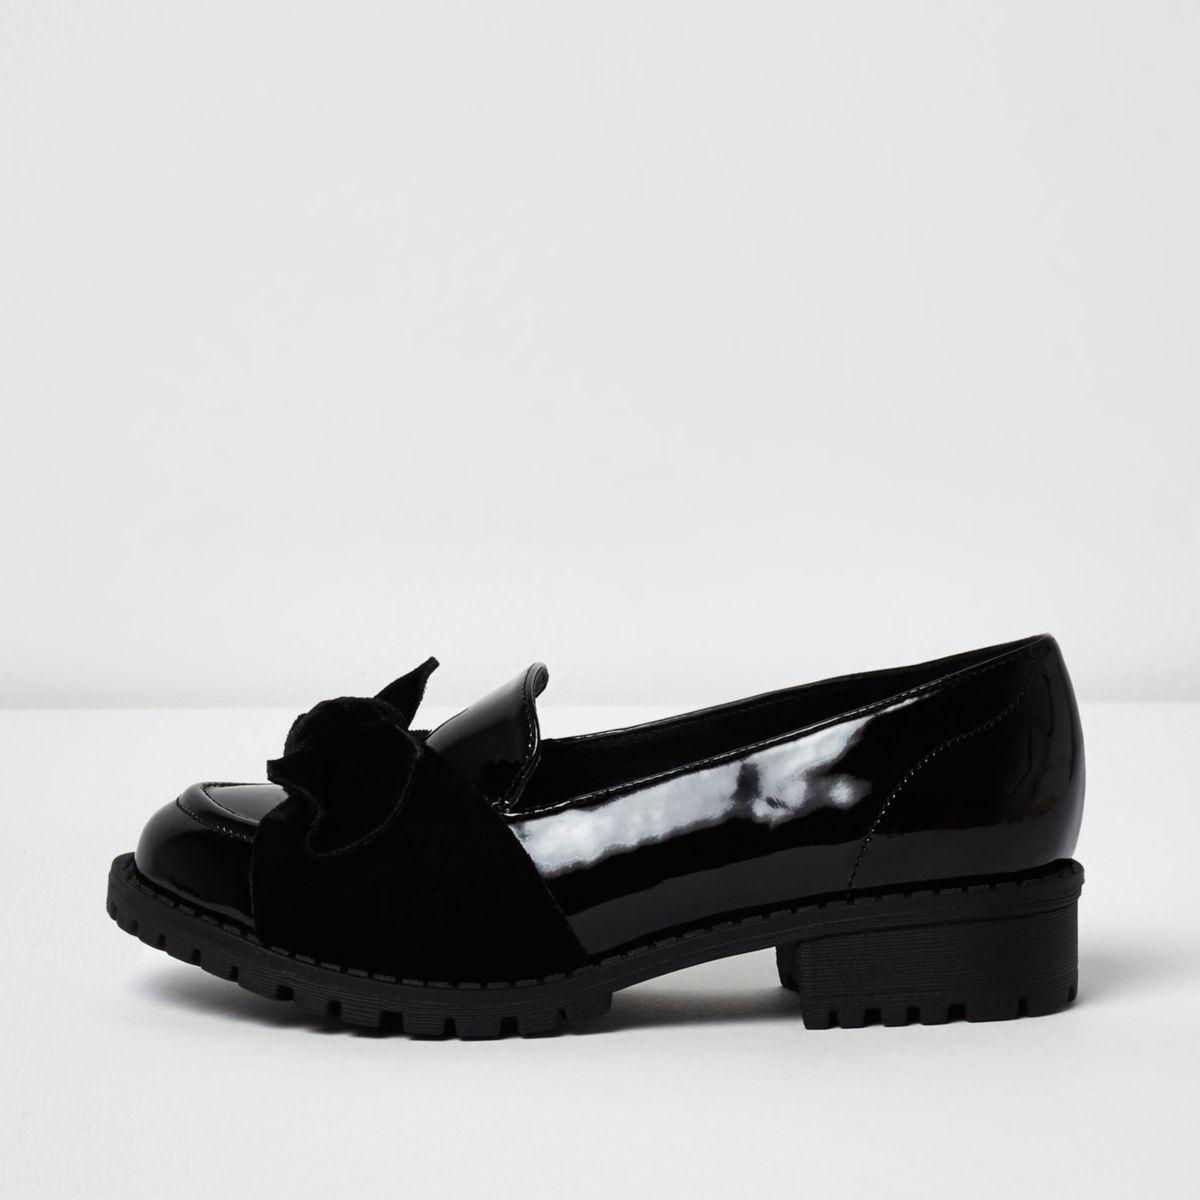 Bottes De Chaussures Noires Avec Découpes Et Arc Derrière Pour Les Filles 6cYU6YFr